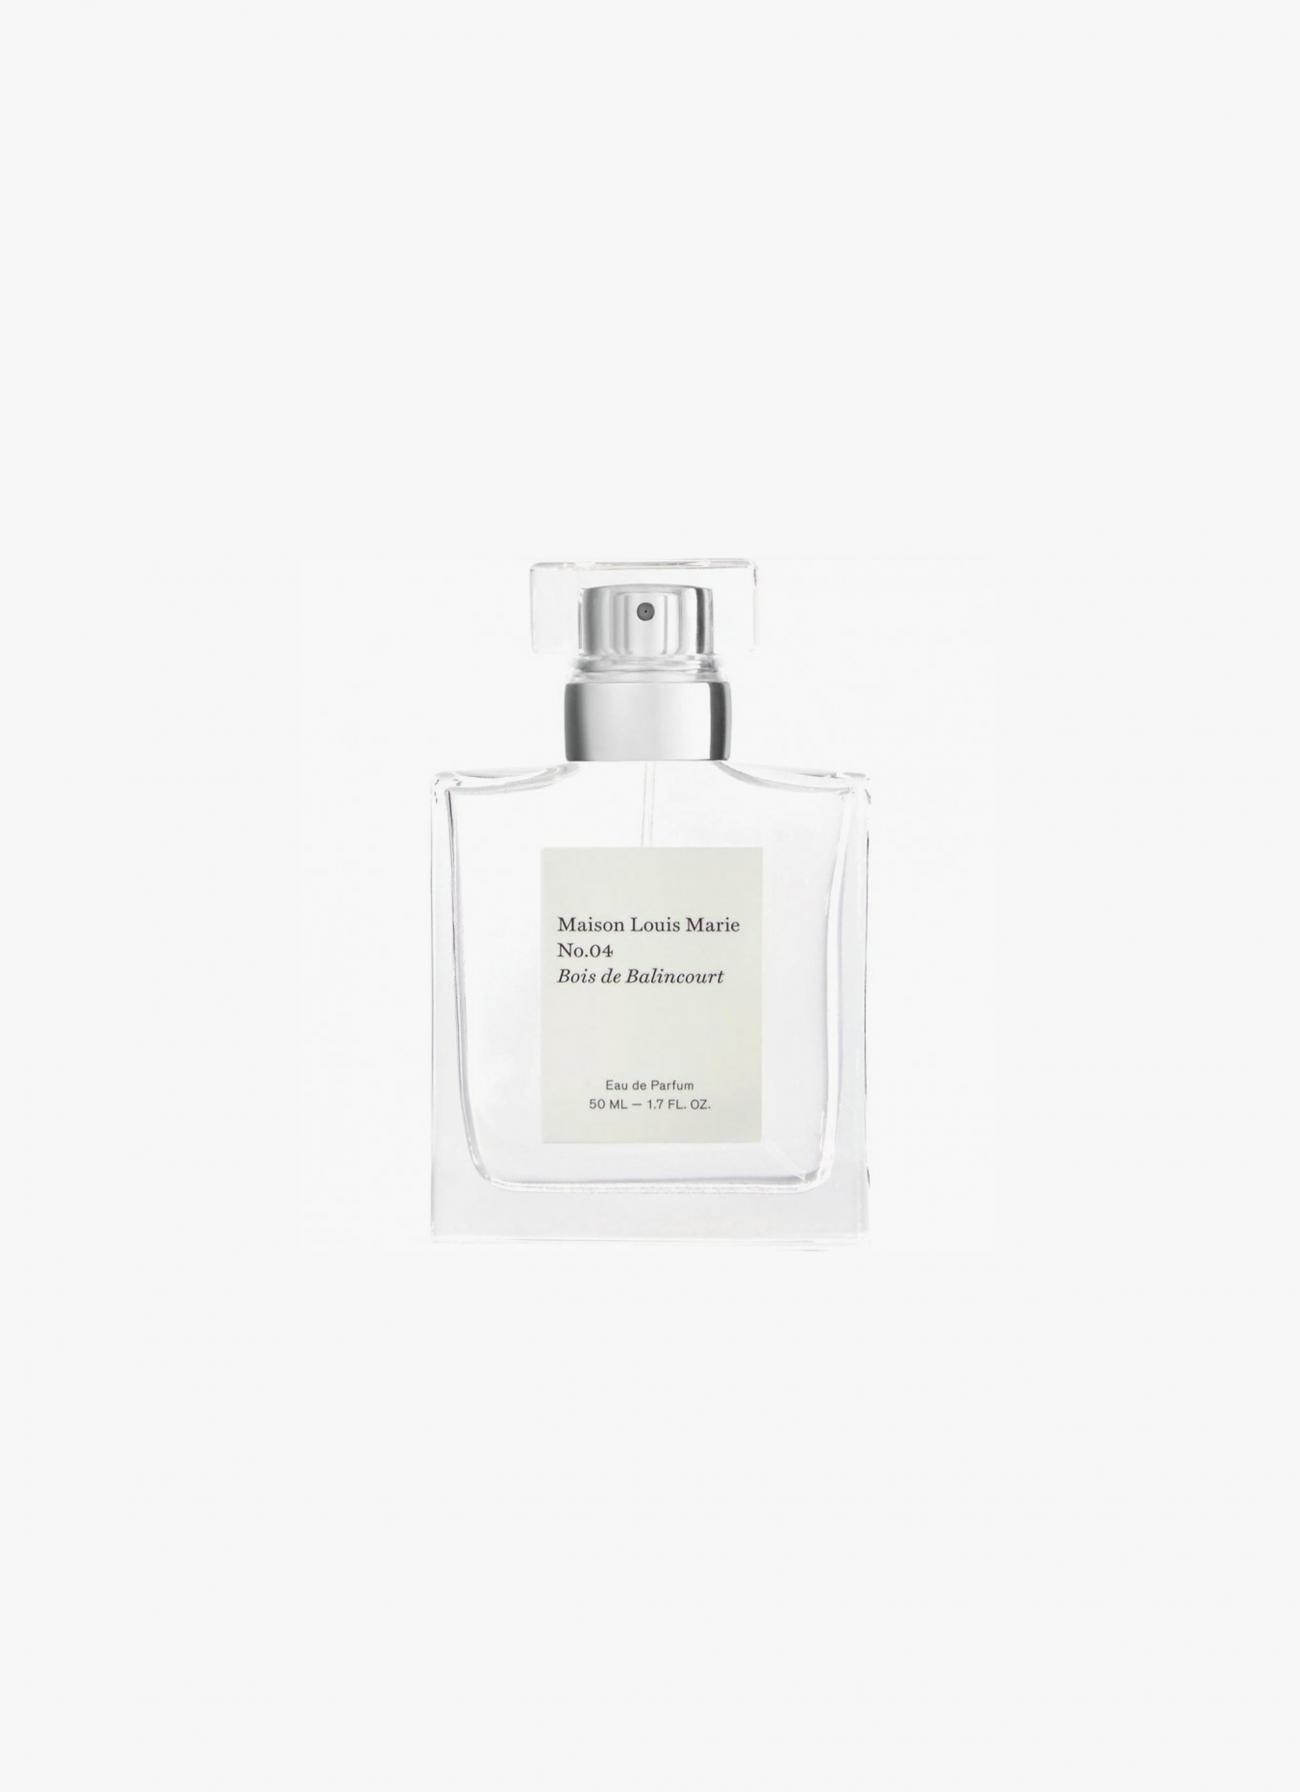 Maison Louis Marie - No.04 - Eau de Parfum